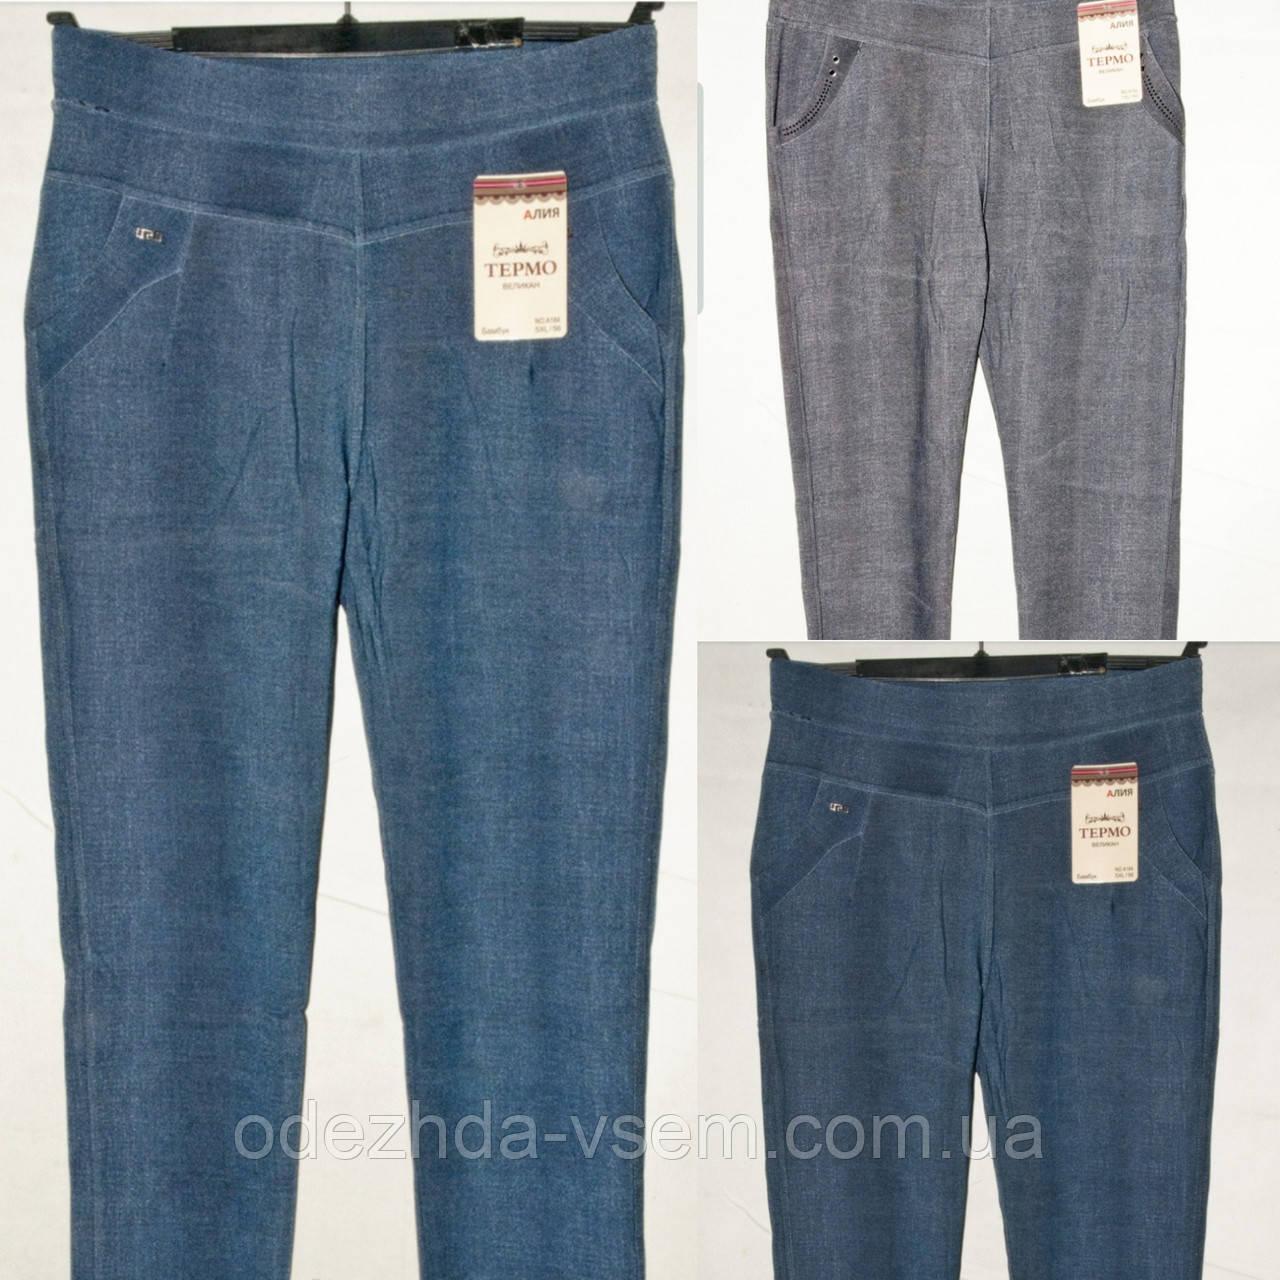 Жіночі брюки утеплені великих розмірів 54,56,58,60